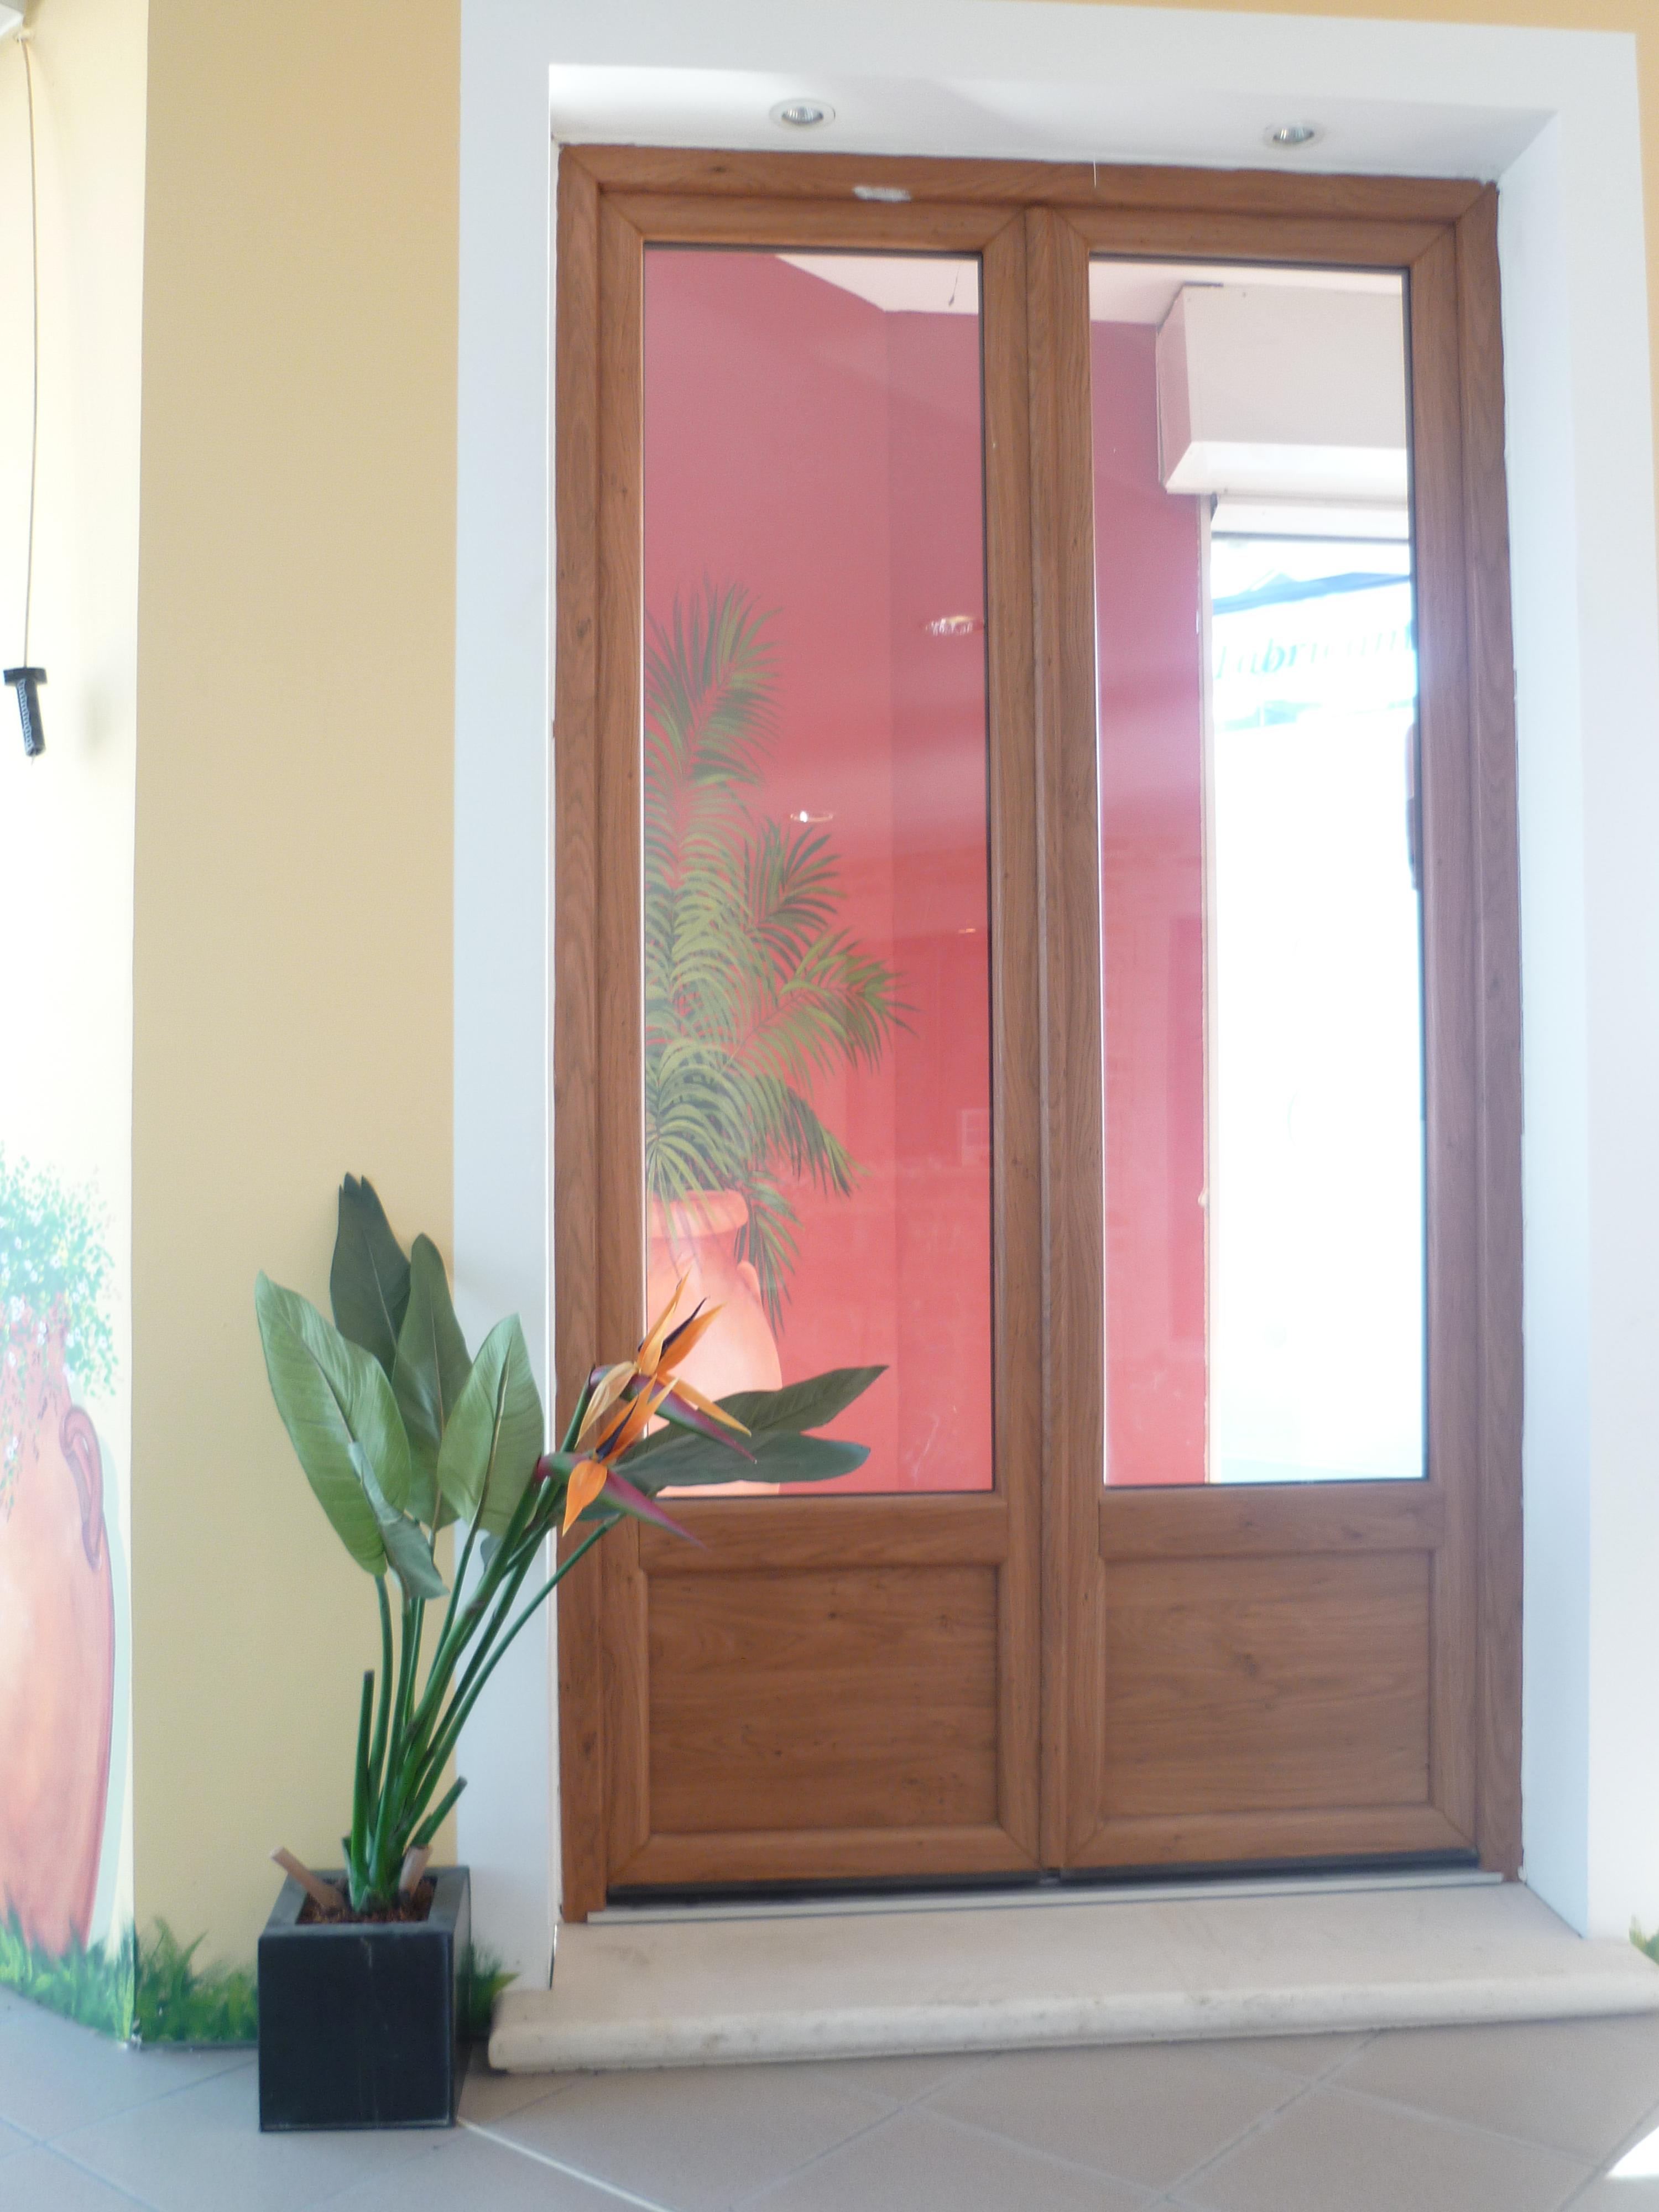 menuiserie laurent carrion vias devis fen tre pvc fen trier veka. Black Bedroom Furniture Sets. Home Design Ideas